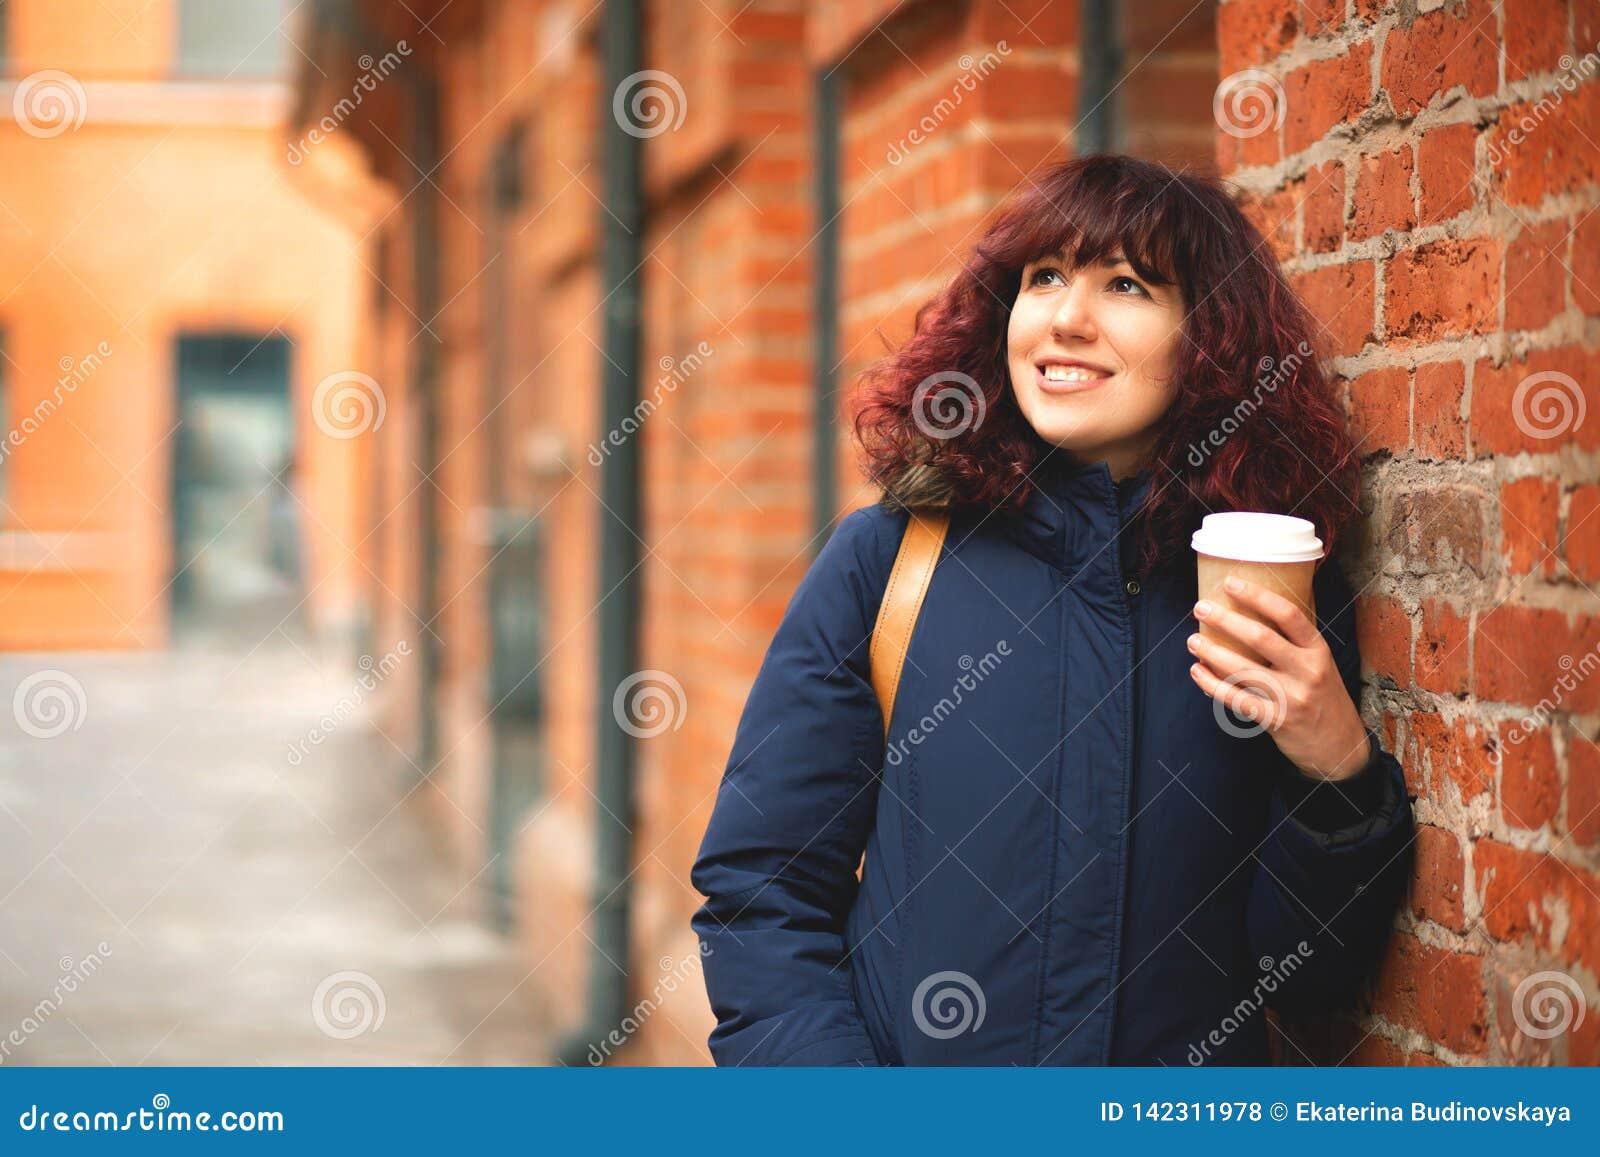 Девушка со стеклом кофе в руке